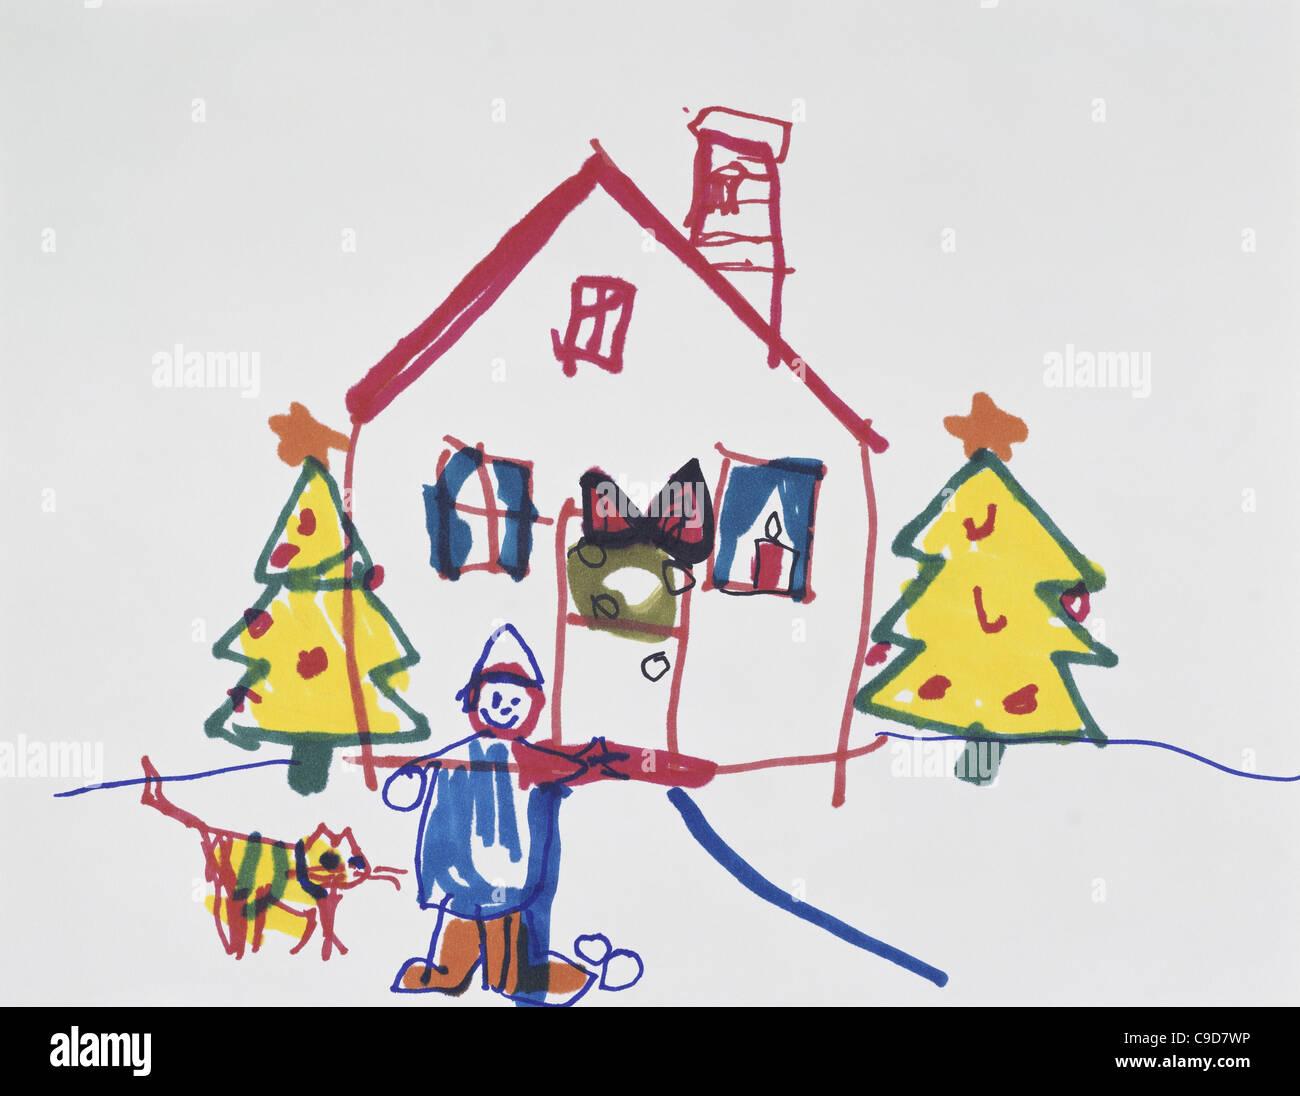 La temporada de vacaciones para niños colección privada de arte Foto de stock